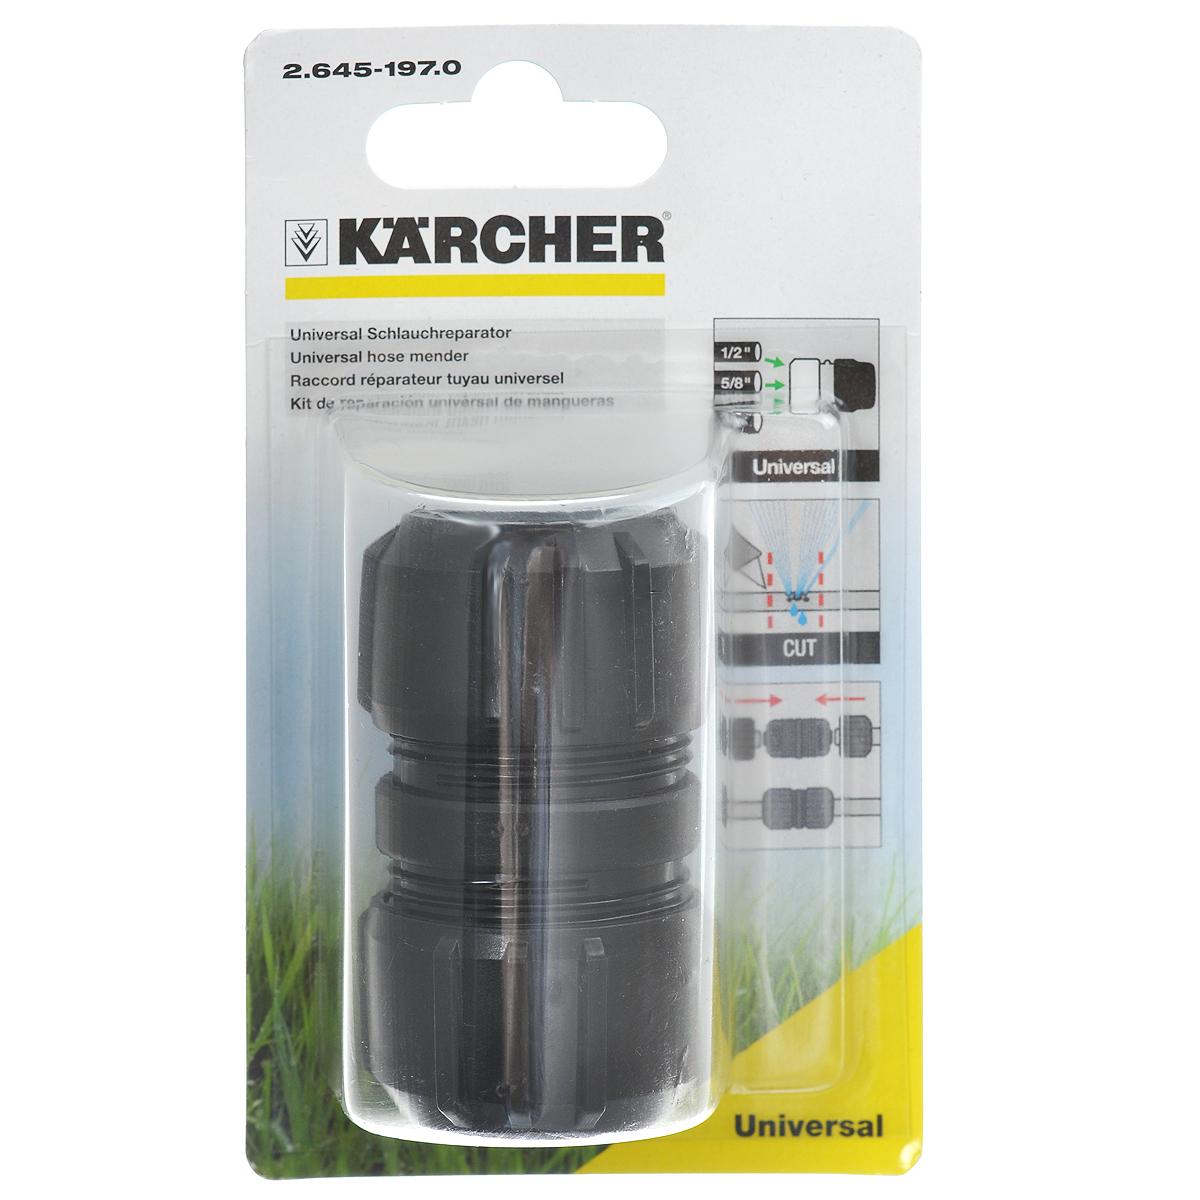 Универсальная ремонтная муфта Karcher 2.645-197.02.645-197.0Универсальная ремонтная муфта предназначена для соединения двух шлангов или ремонта поврежденного шланга. Длина муфты: 7 см.